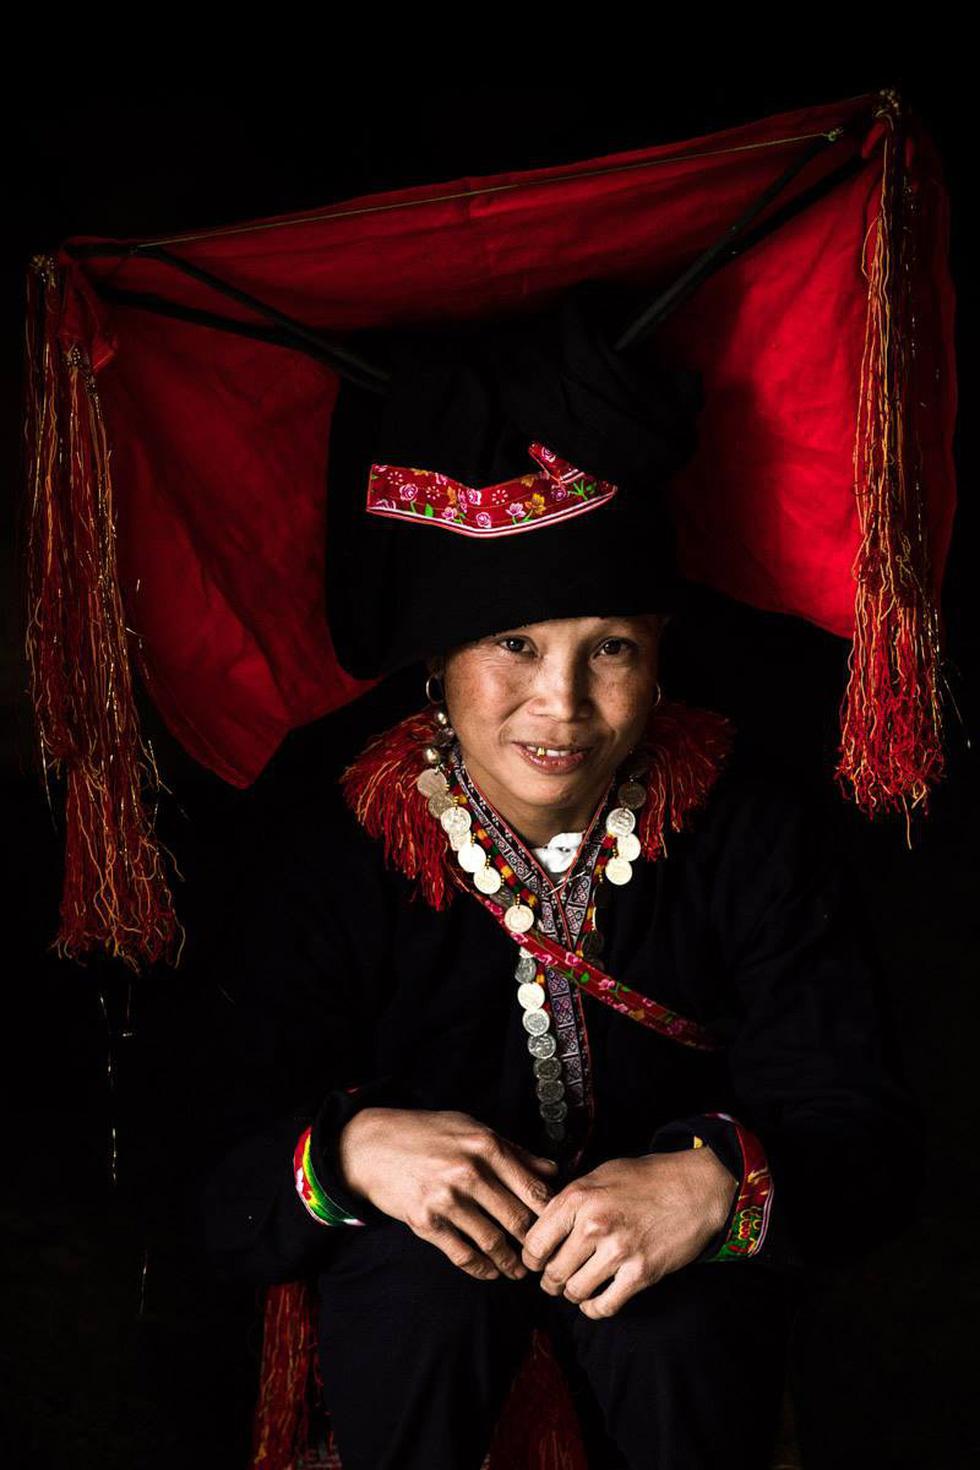 Nhiếp ảnh gia Pháp được vinh danh khi tôn vinh văn hóa Việt - Ảnh 12.